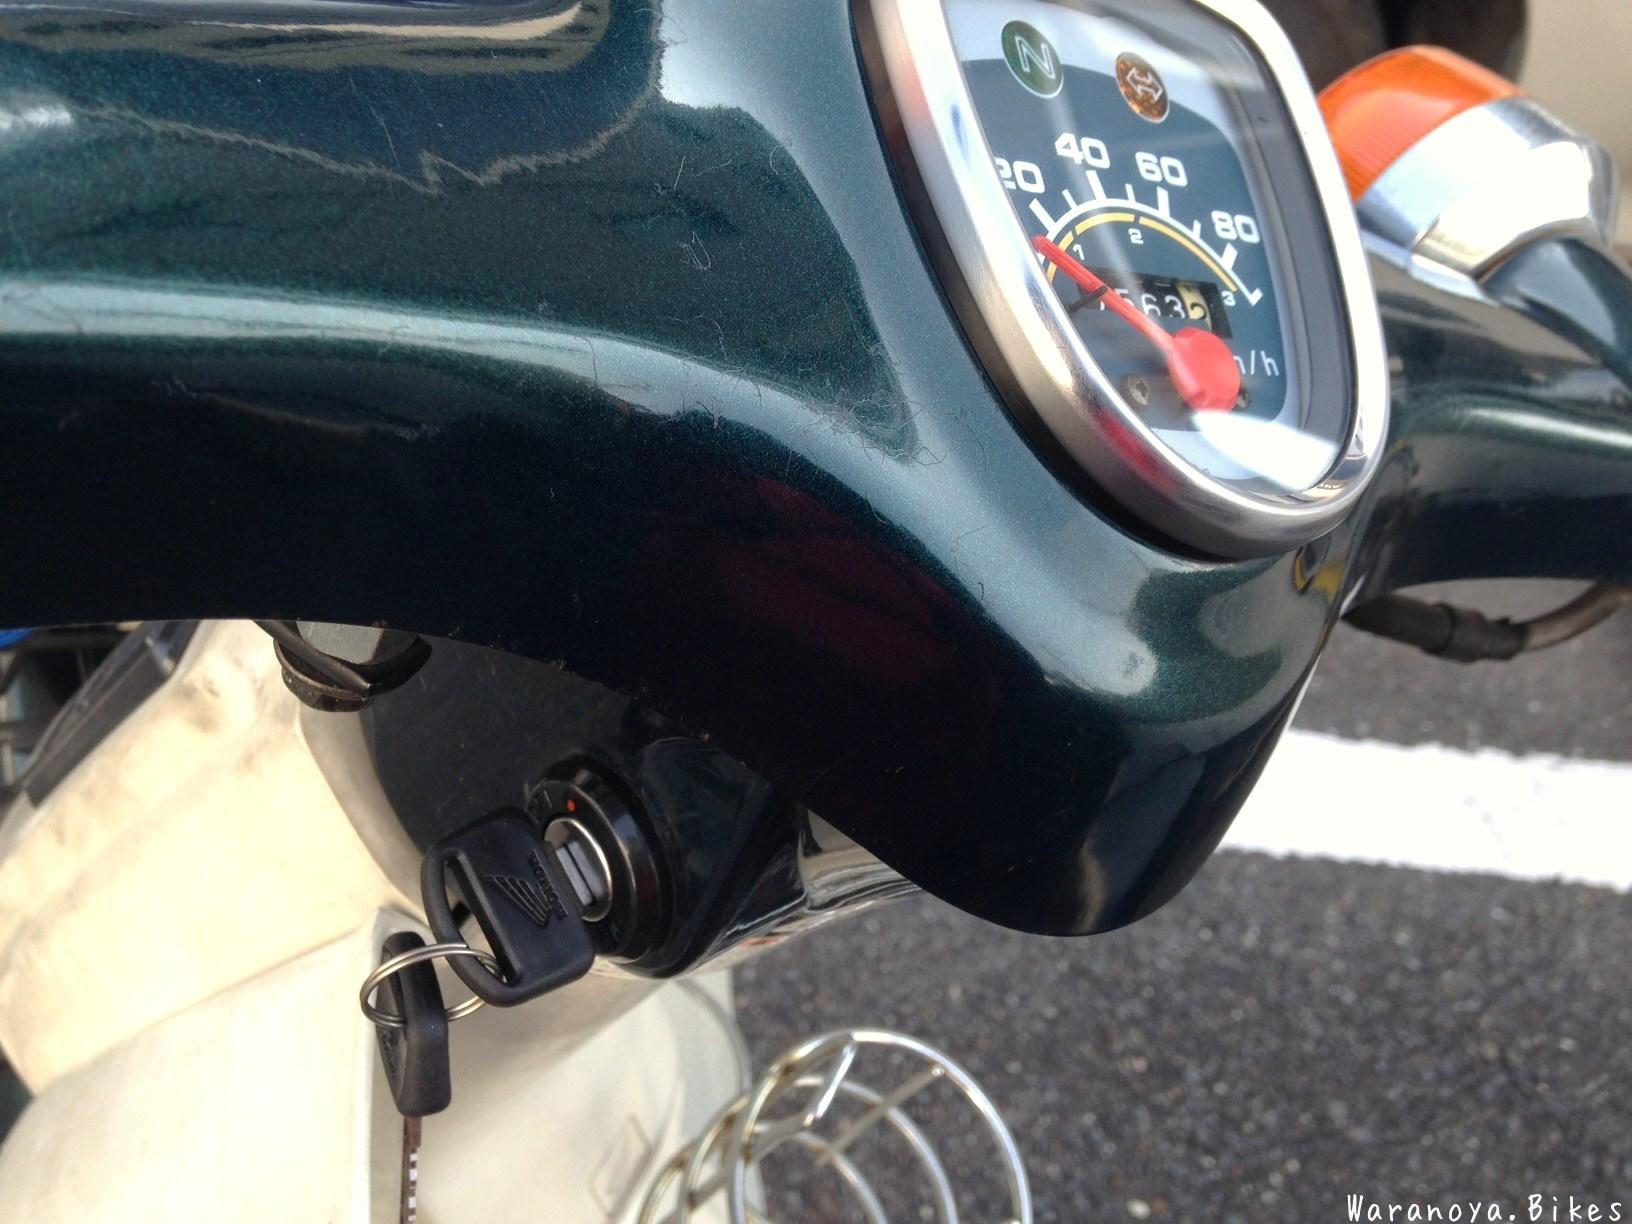 自転車の 自転車 ハンドルロック 修理 : ガソリンキャップ交換→レッグ ...